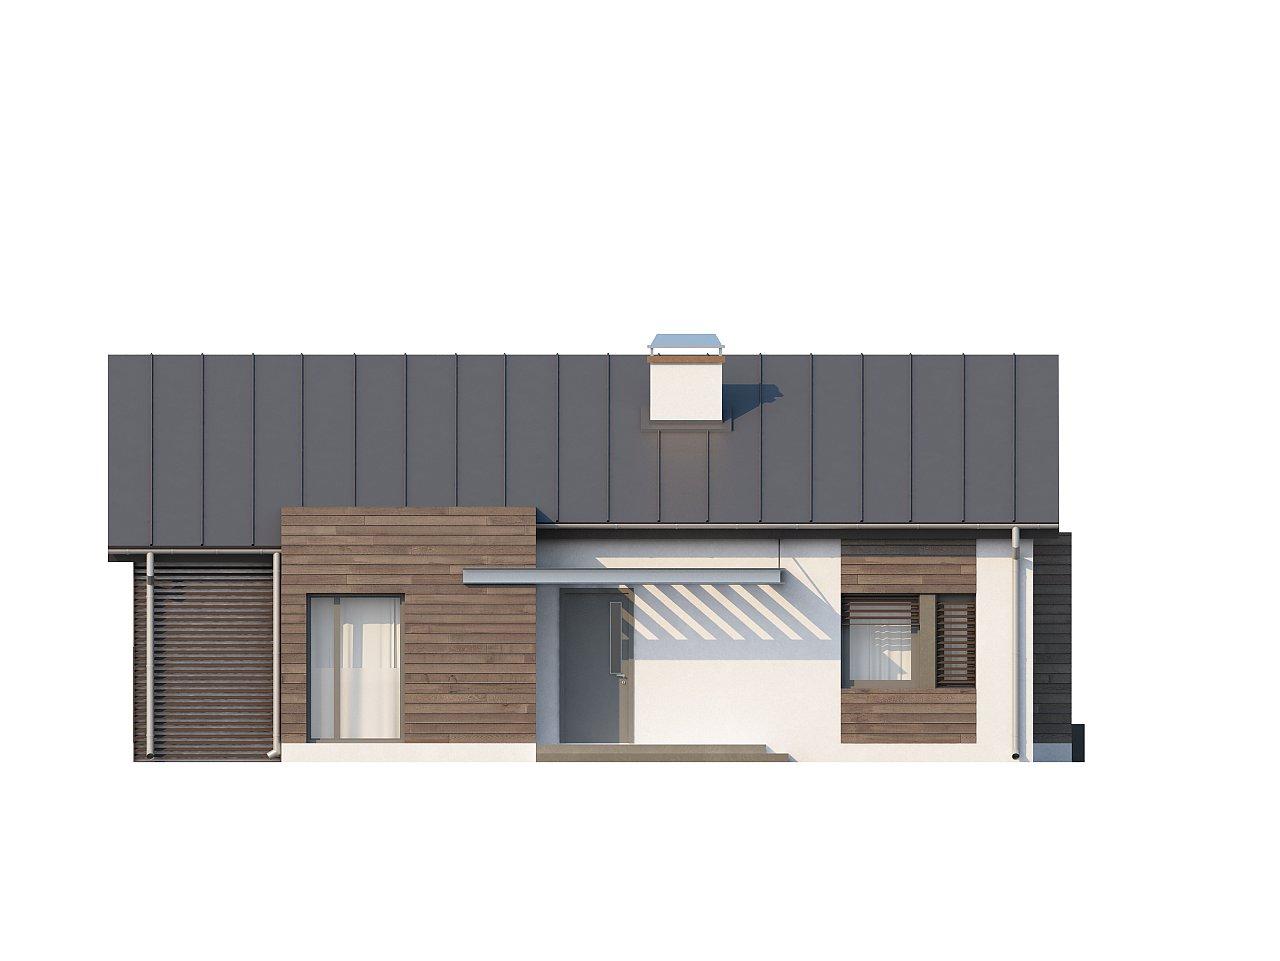 Функциональный одноэтажный дом с современными элементами отделки фасадов. - фото 21